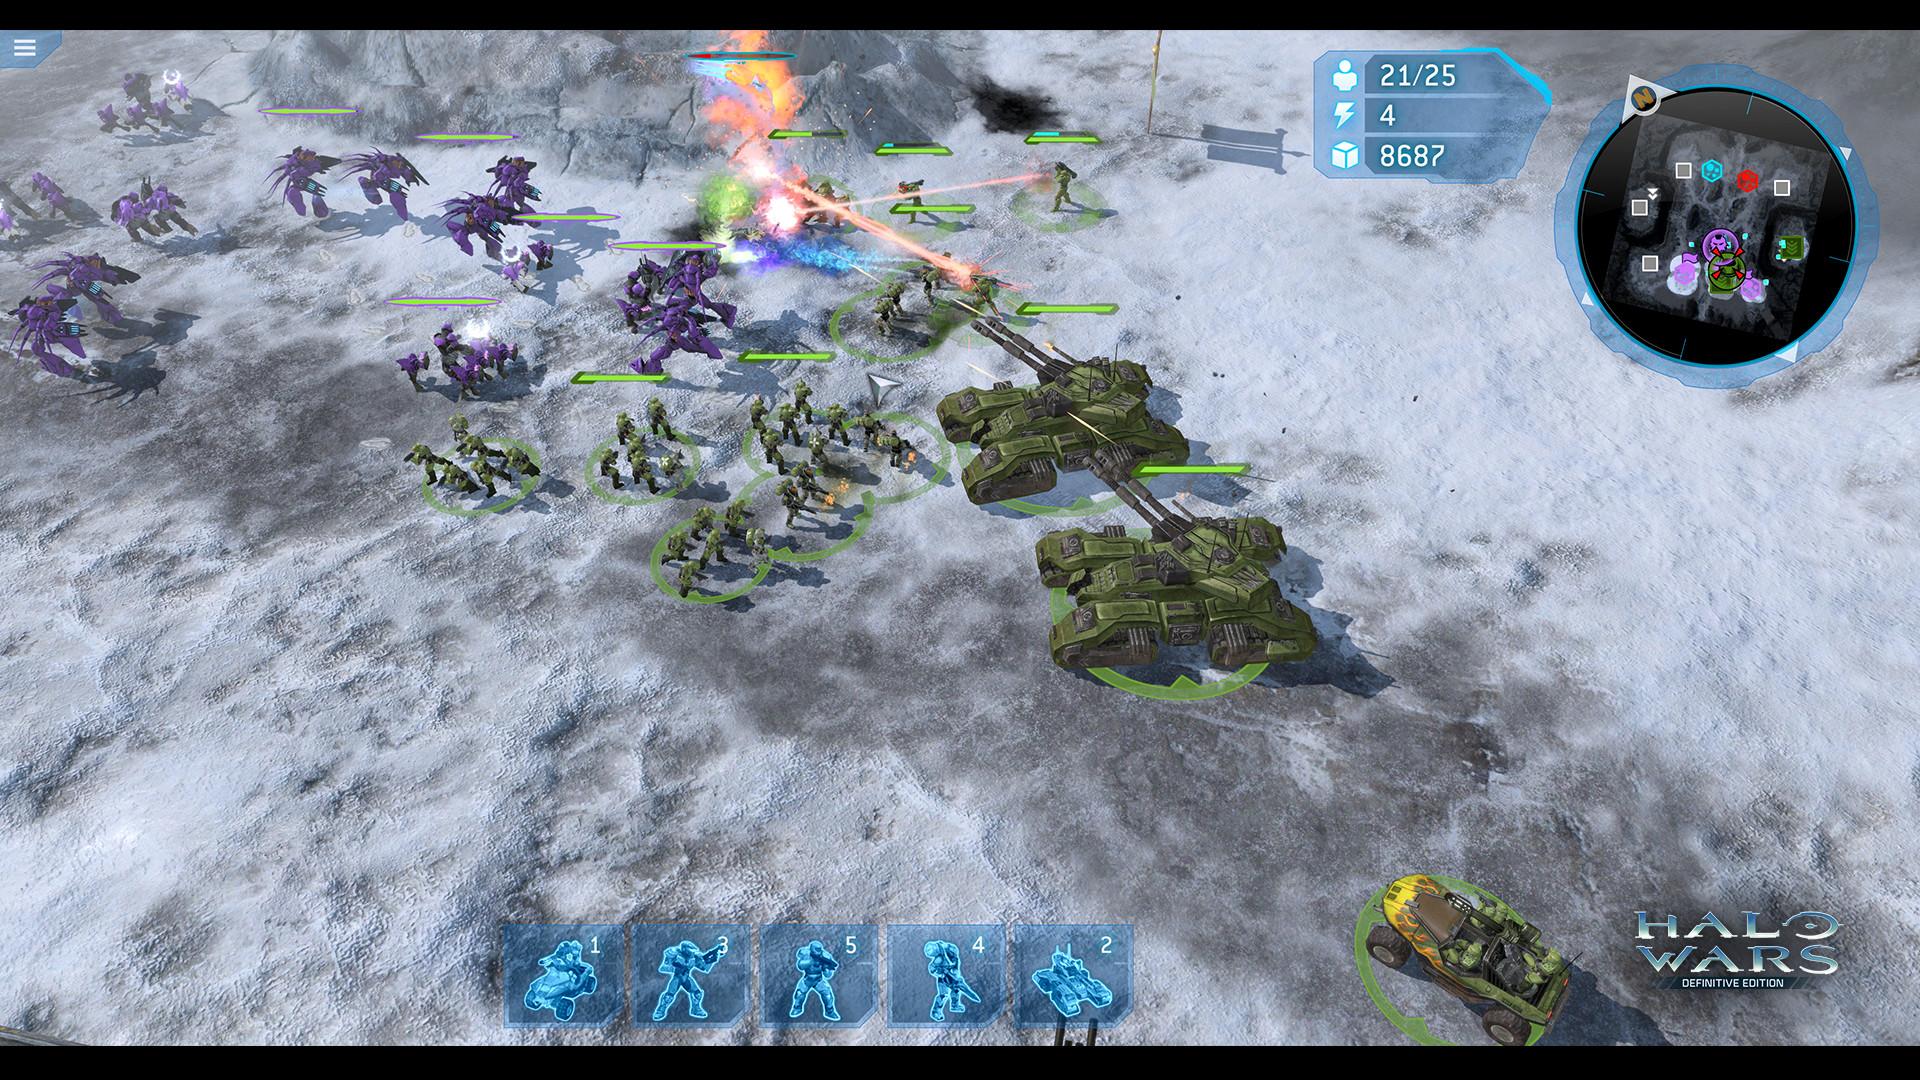 Halo Wars: Definitive Edition Screenshot 1